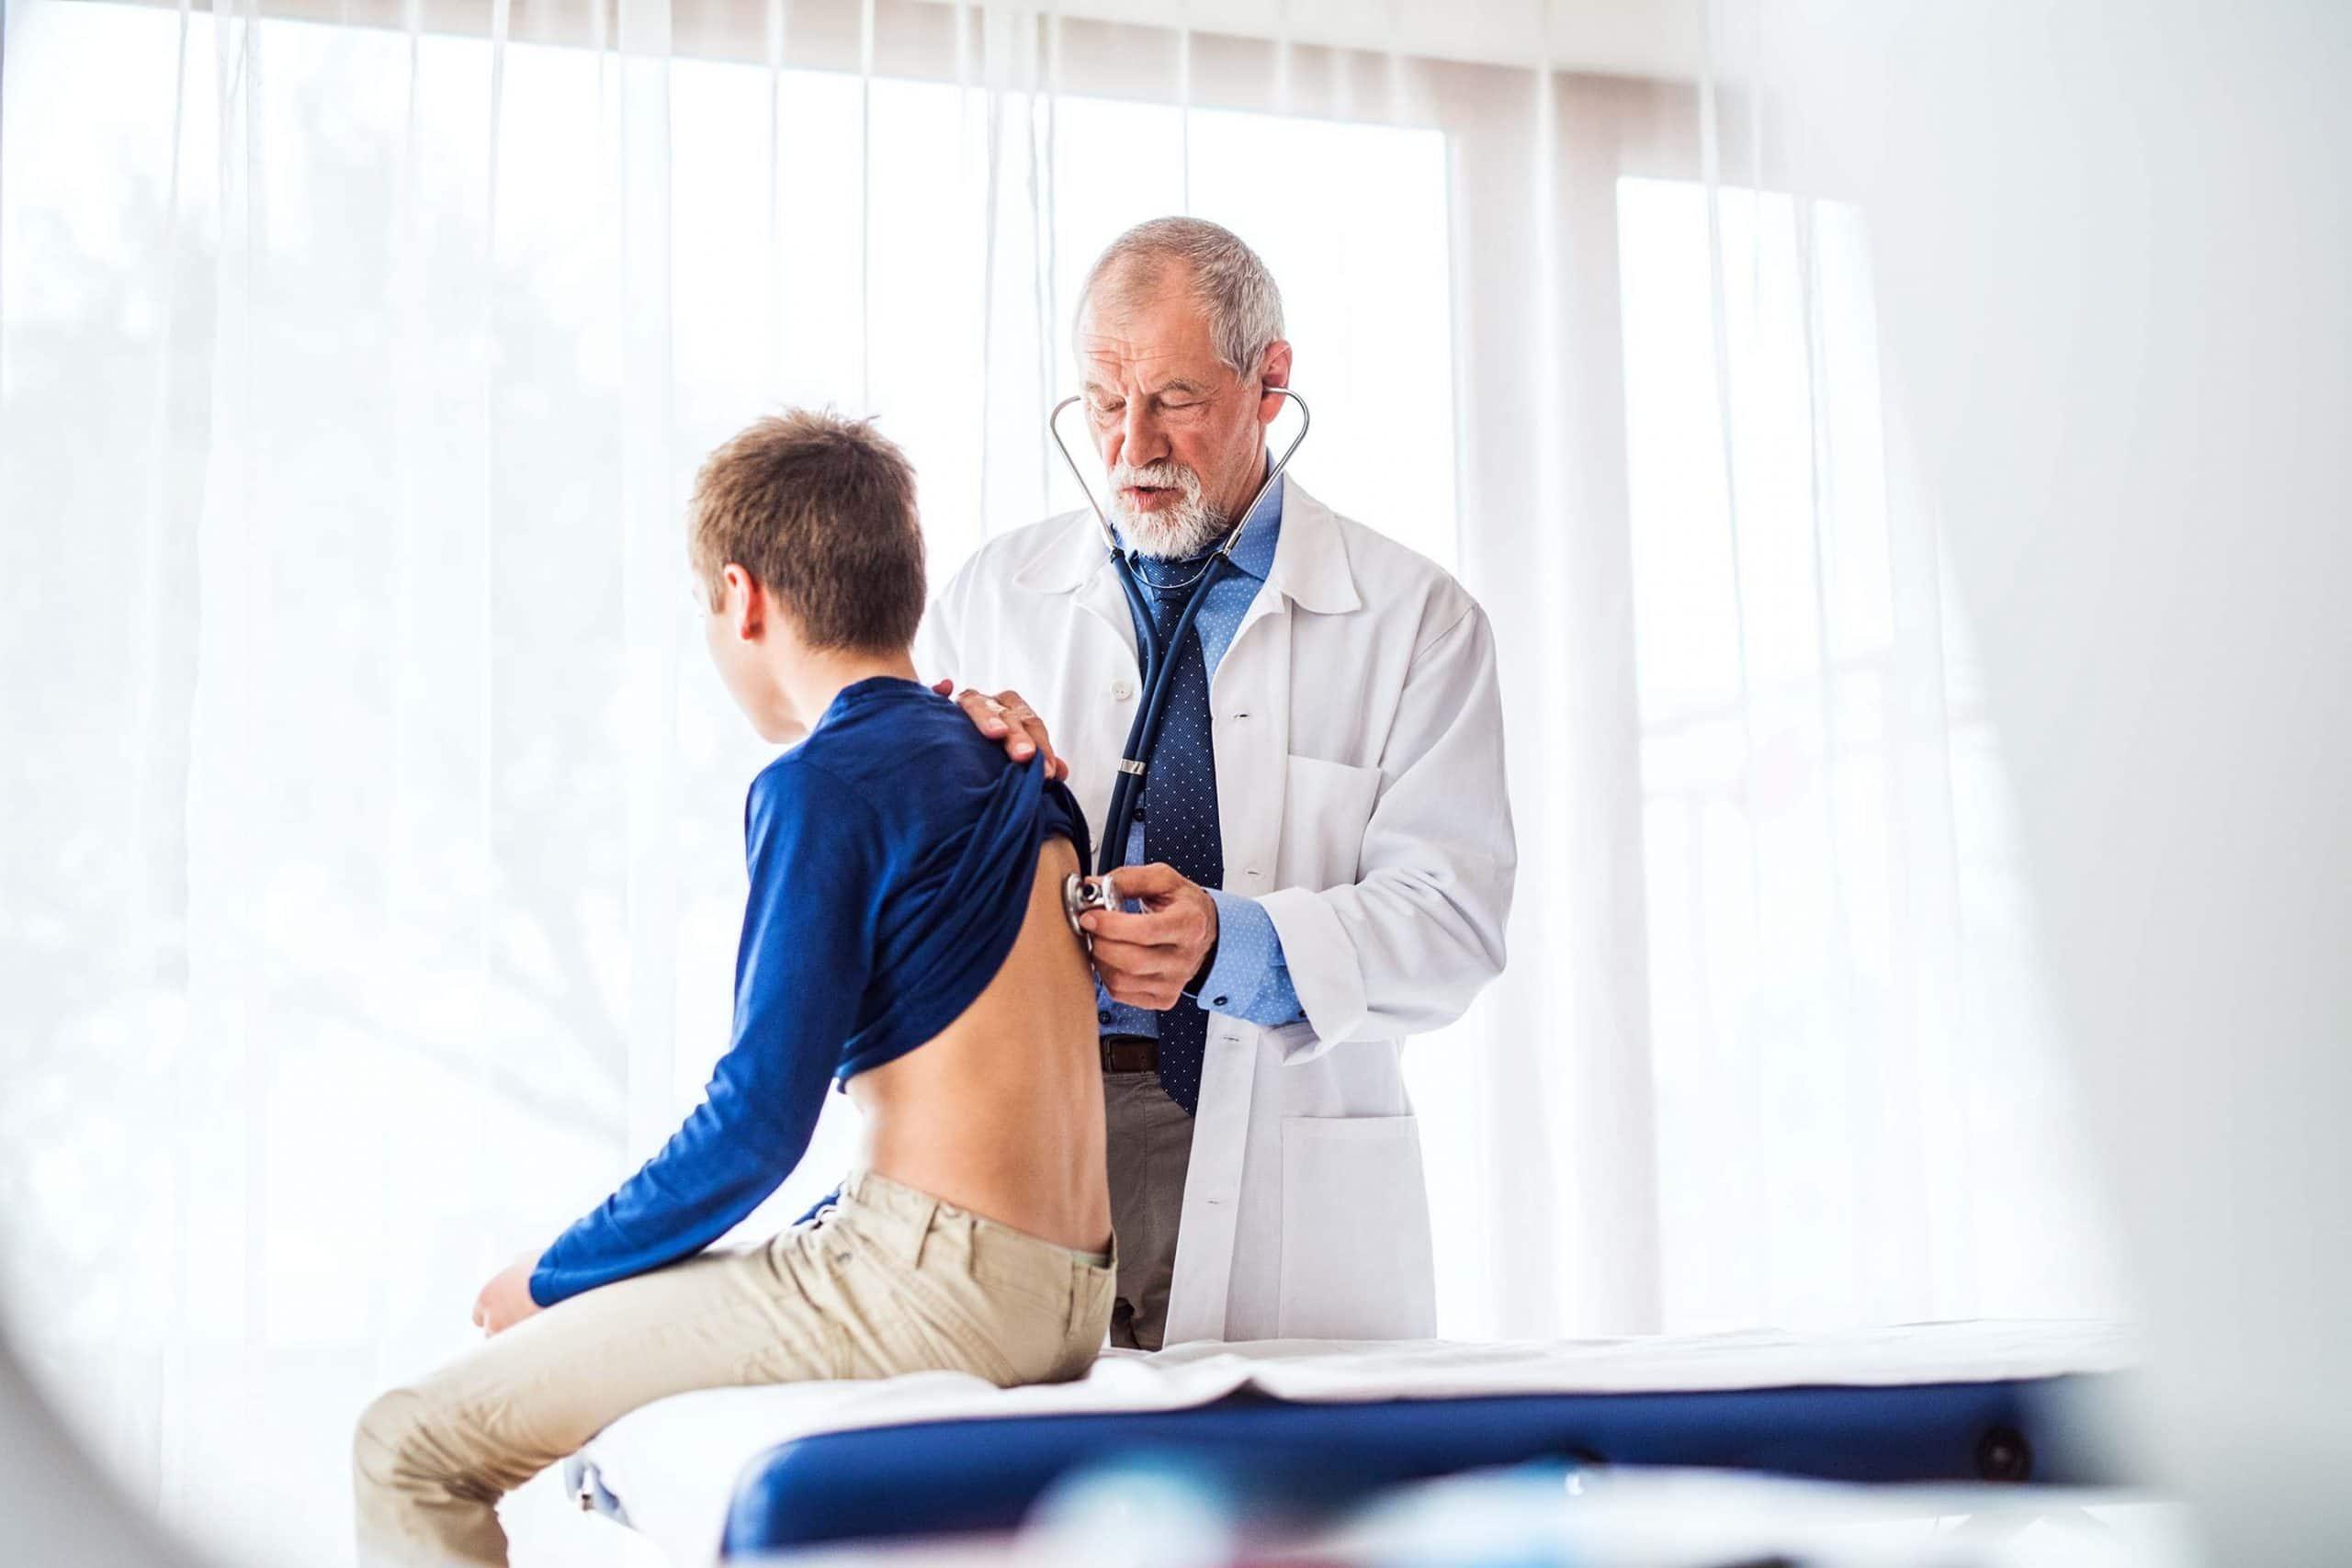 Quando preciso ir ao Cardiologista?